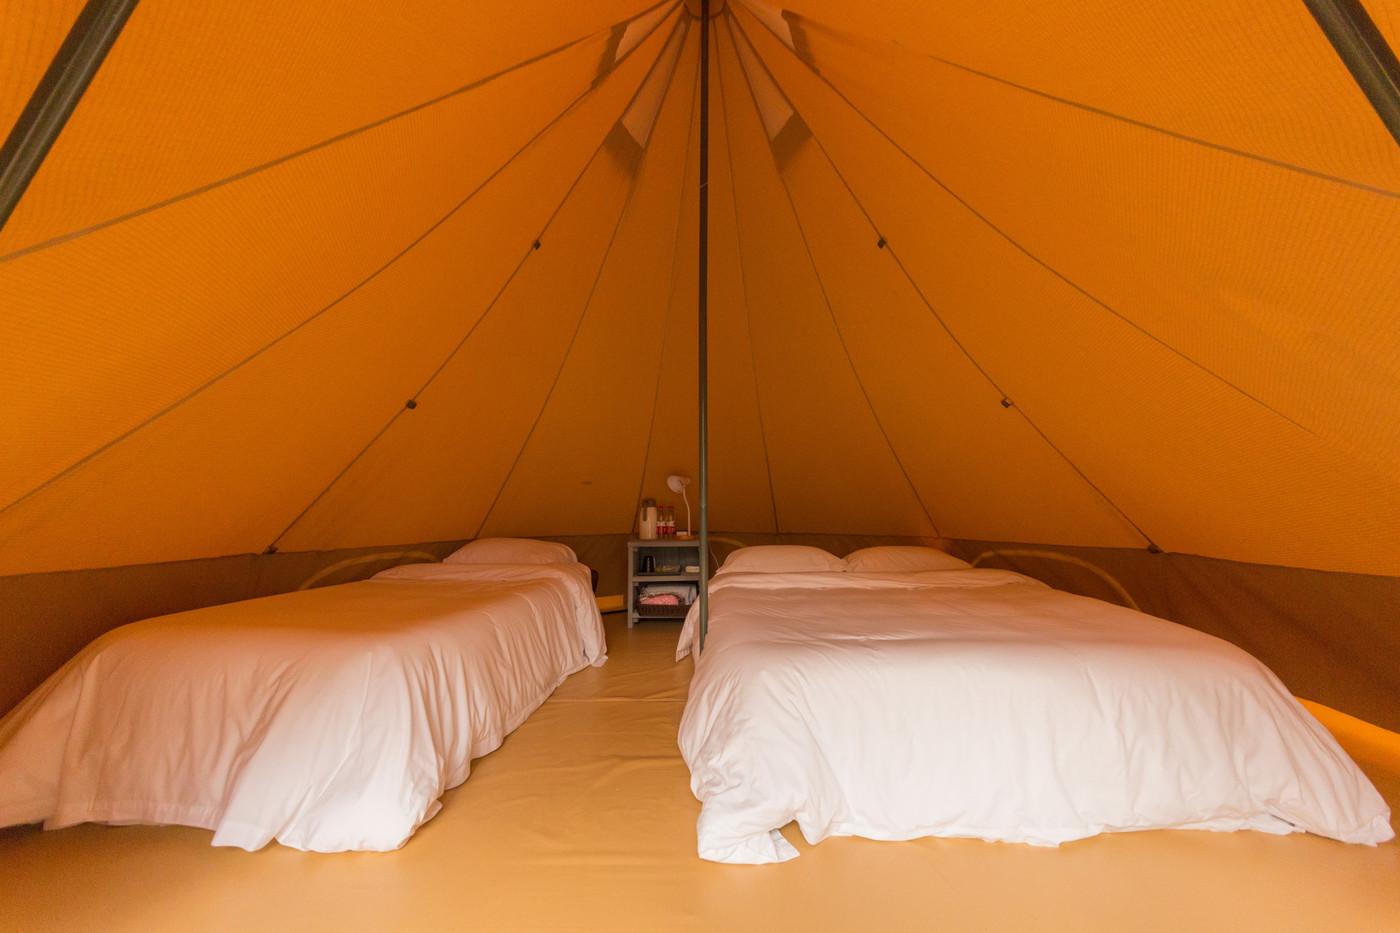 喜马拉雅野奢帐篷酒店—江苏常州天目湖树屋36